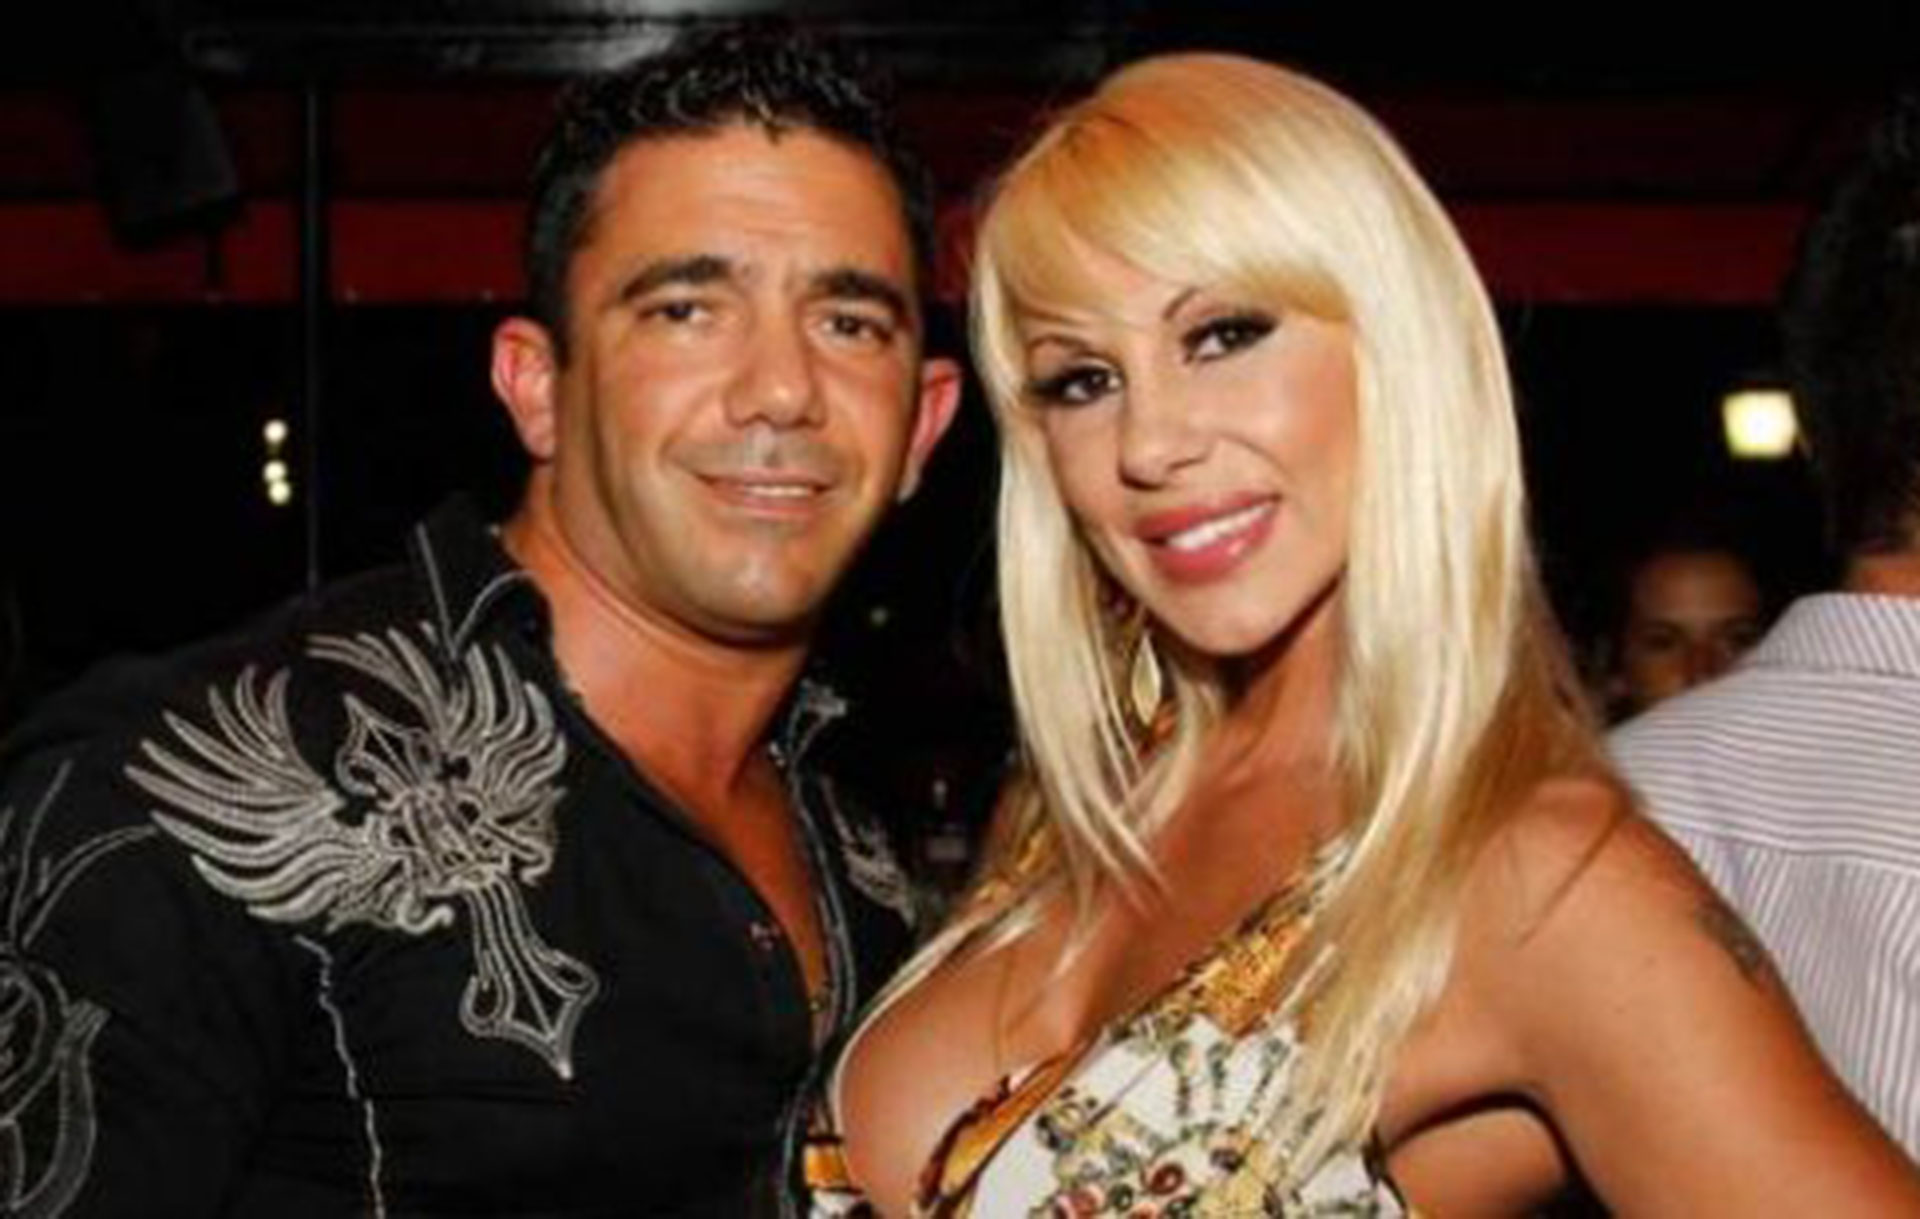 ¡Se terminó el amor! Juan Suris y Mónica Farro se separaron. Ella lo esperó cuatro años mientras estuvo prisión. La vedette se enteró por terceros de que él habría vuelto con la madre de sus hijos